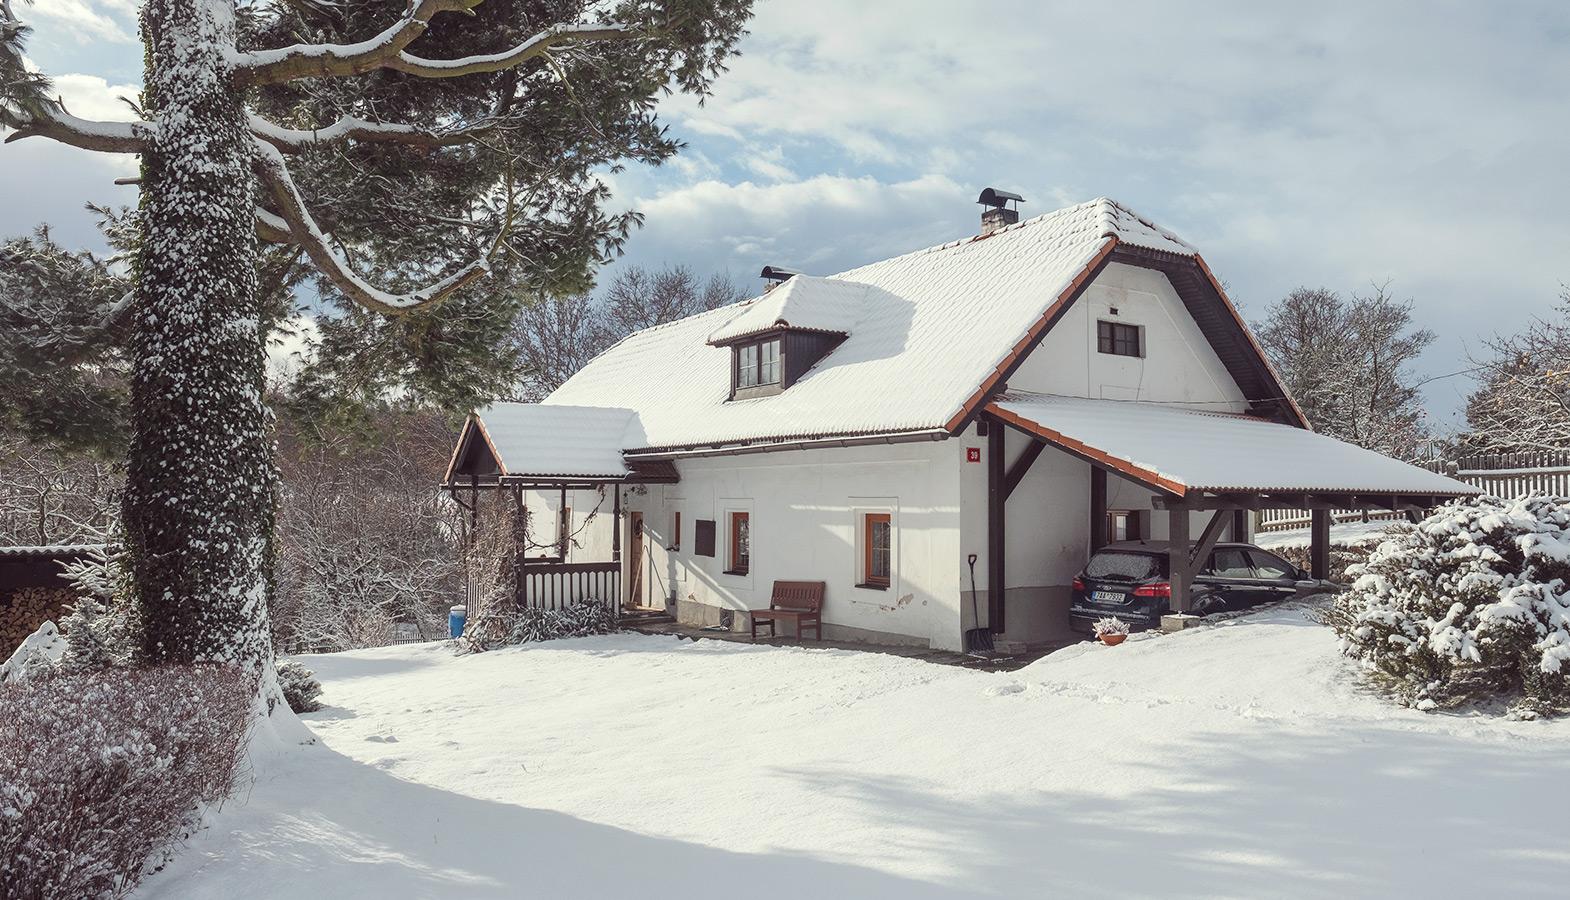 rodinný dům na vesnici